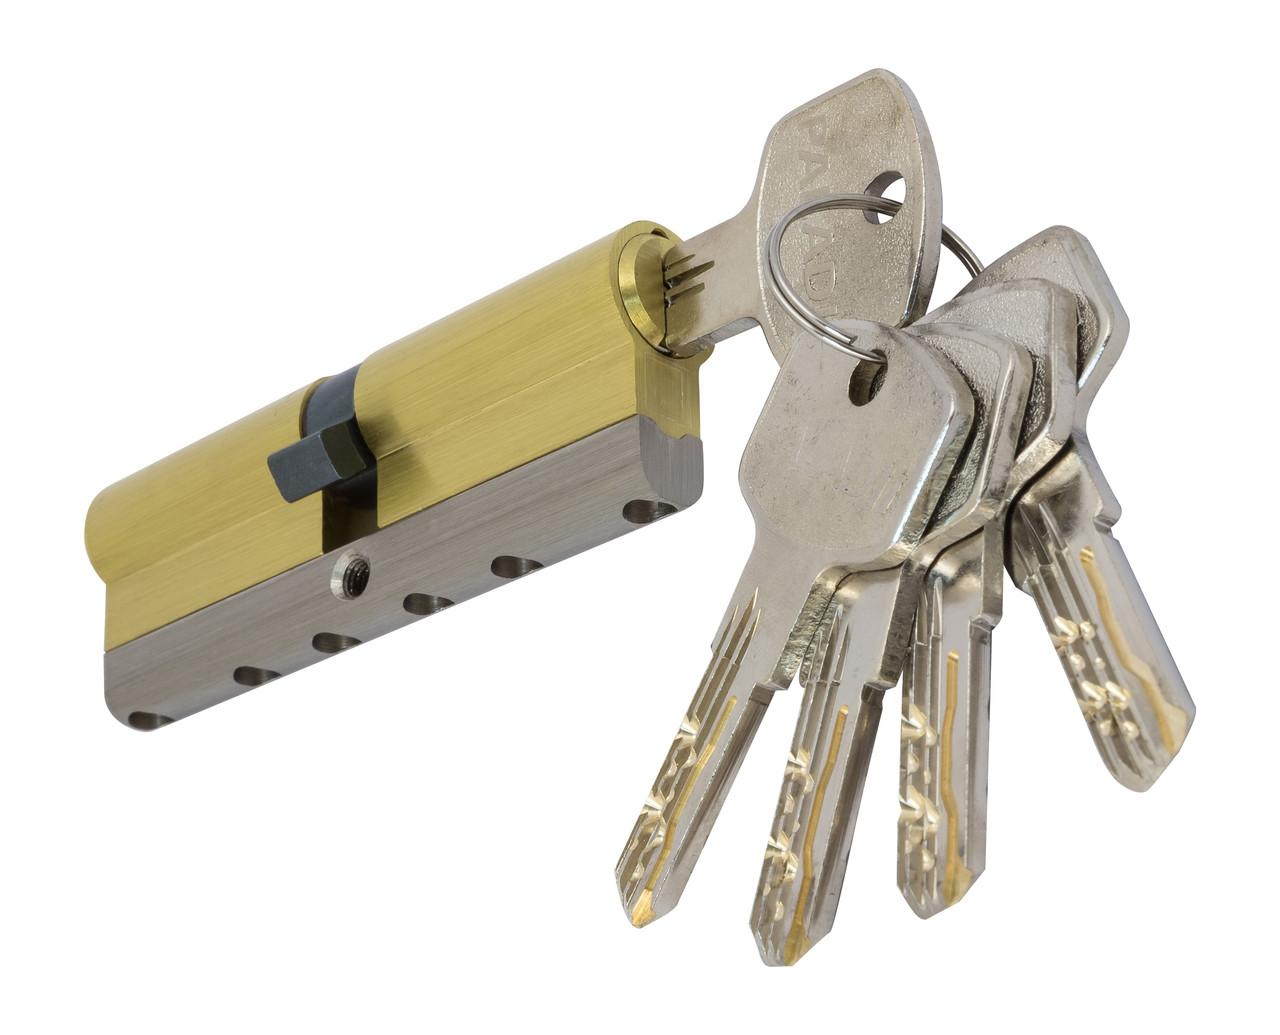 PALADII циліндровий механізм латунний з вставкою 100мм (50*50) 5 гібридних ключа жовтий